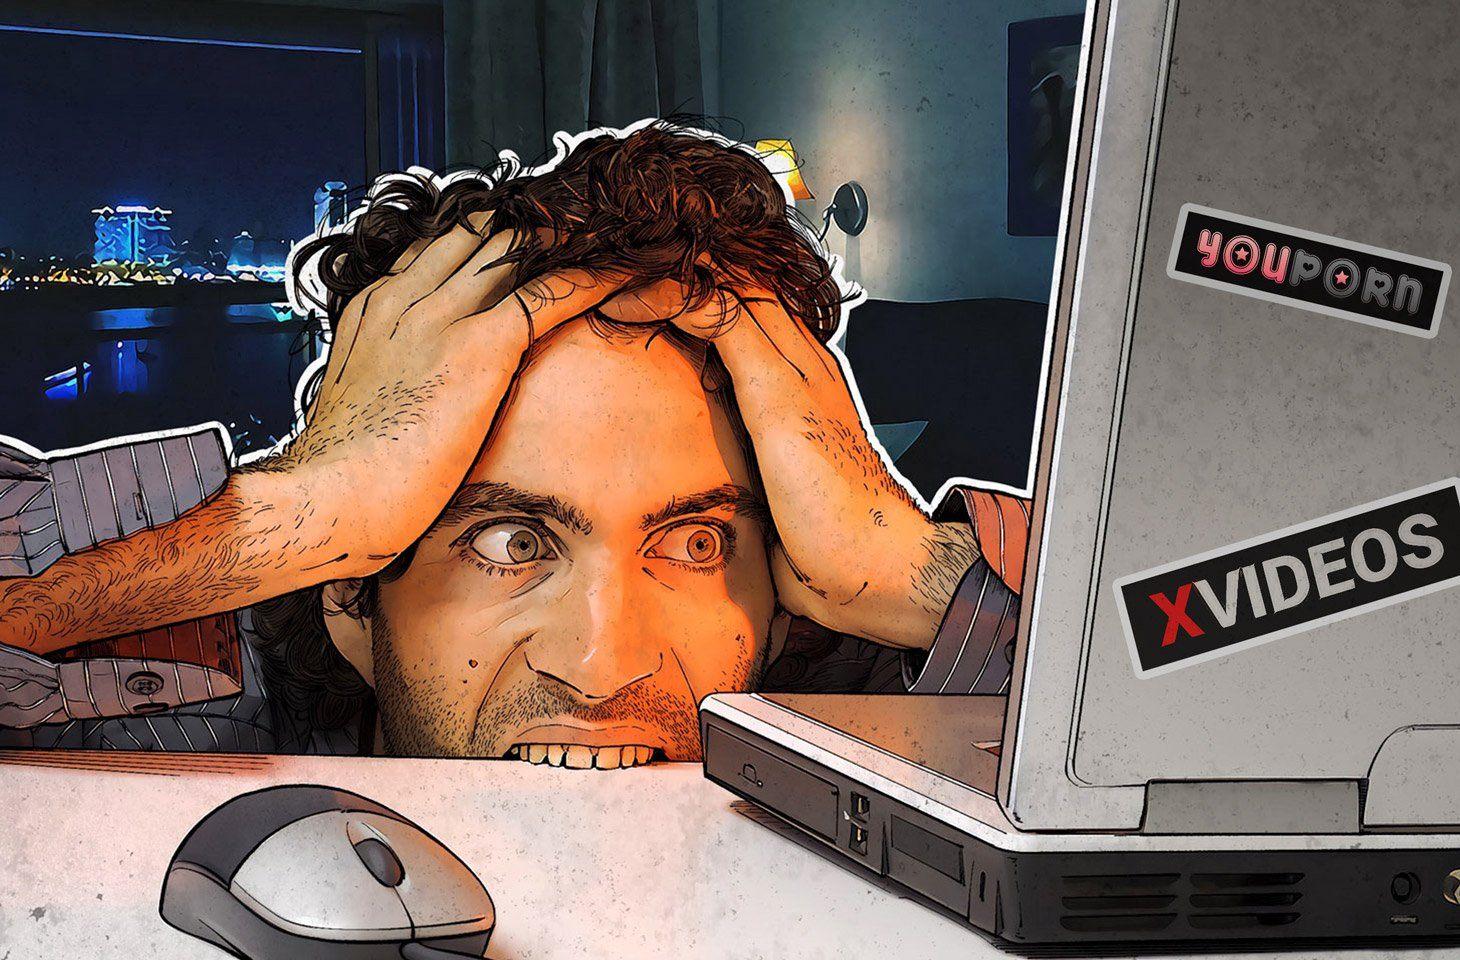 Parejas reales grabadas viendo porno sin consentimiento Te Chantajean Porque Te Cacharon Viendo Porno Blog Oficial De Kaspersky